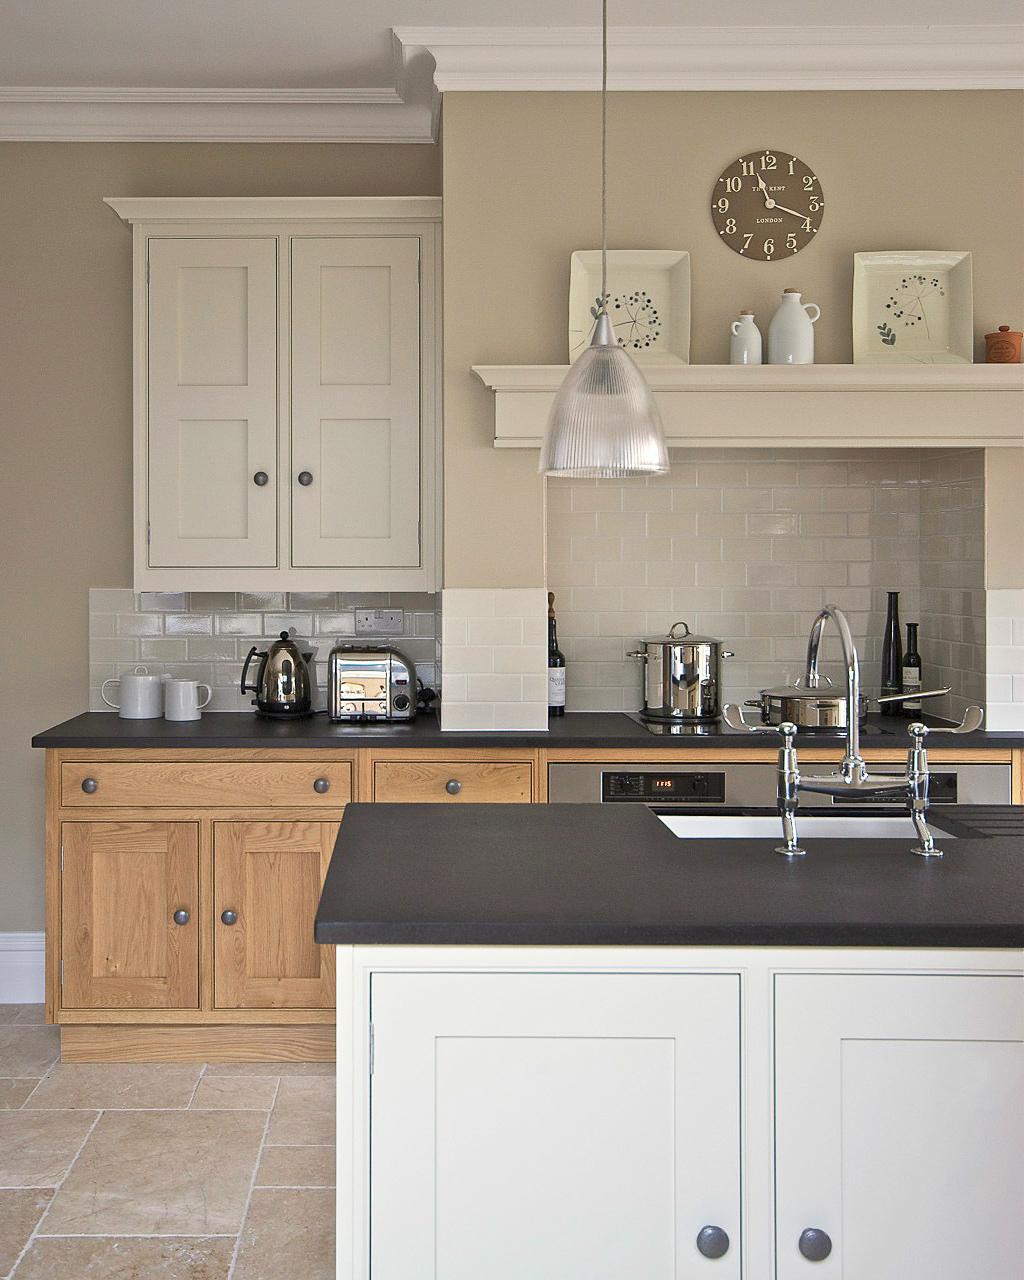 Kitchen Furniture Company: Cheshire Furniture Company